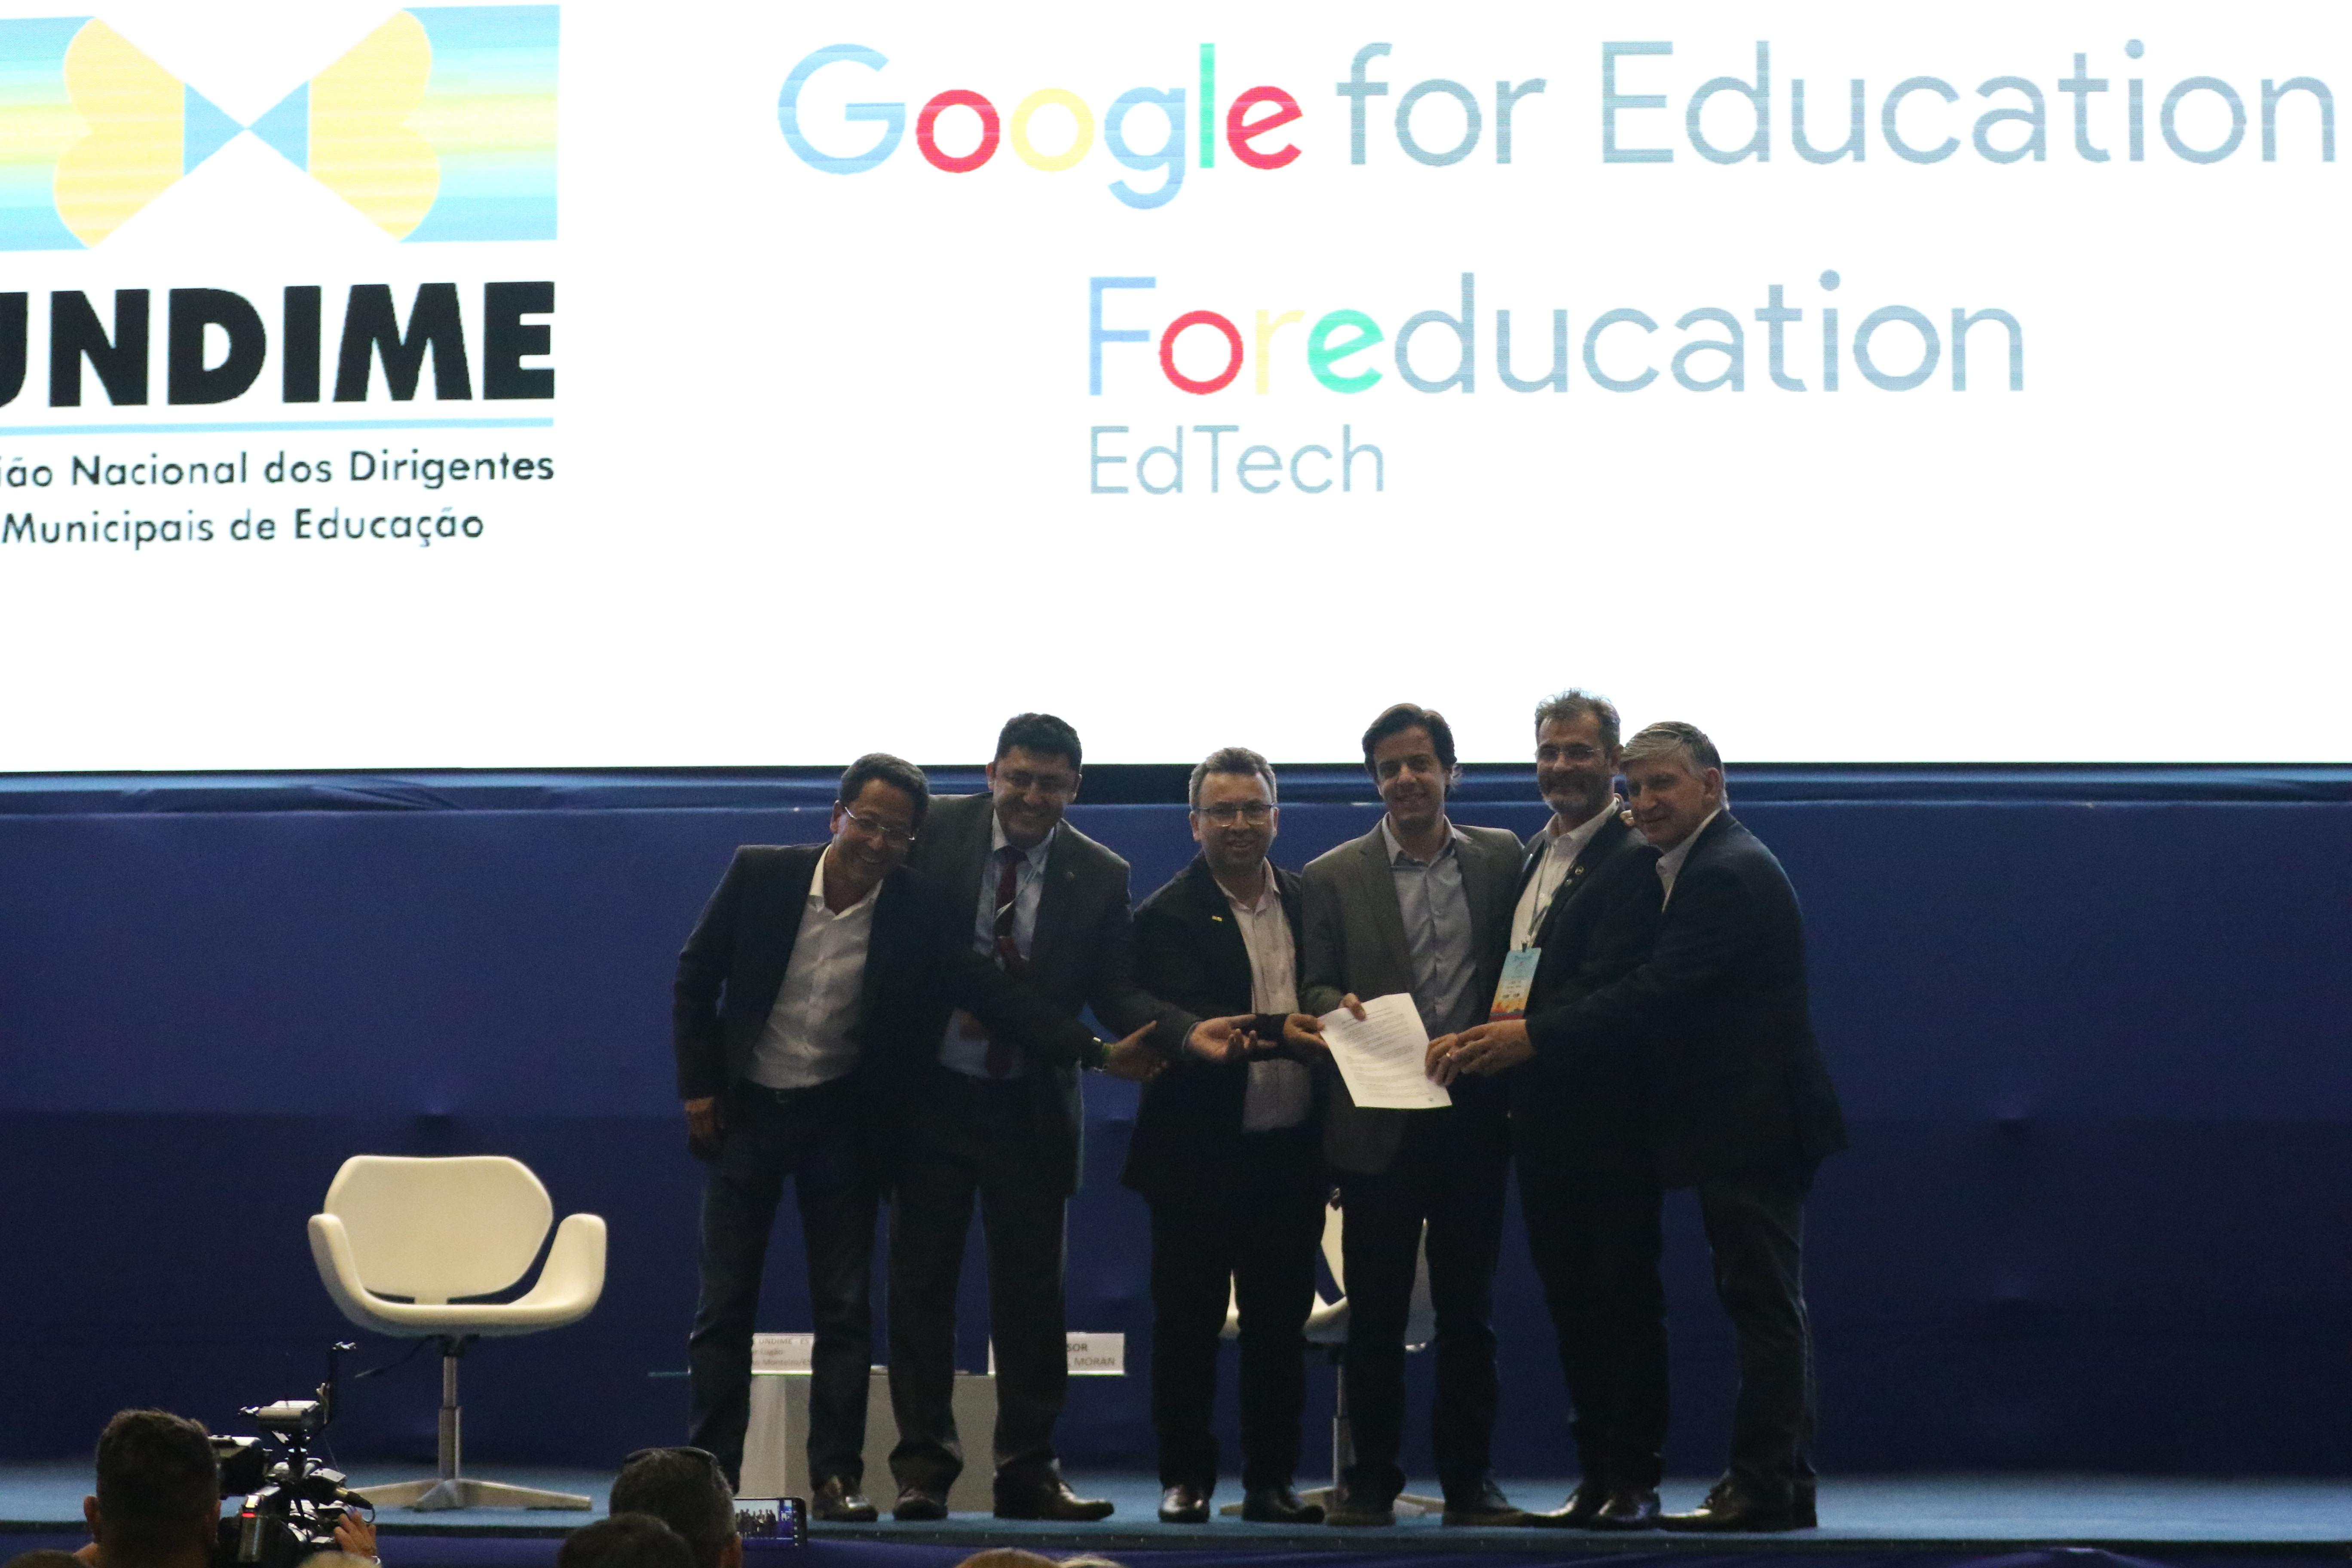 Com aliança inédita, Google for Education e Undime anunciam estudo sobre educação pública